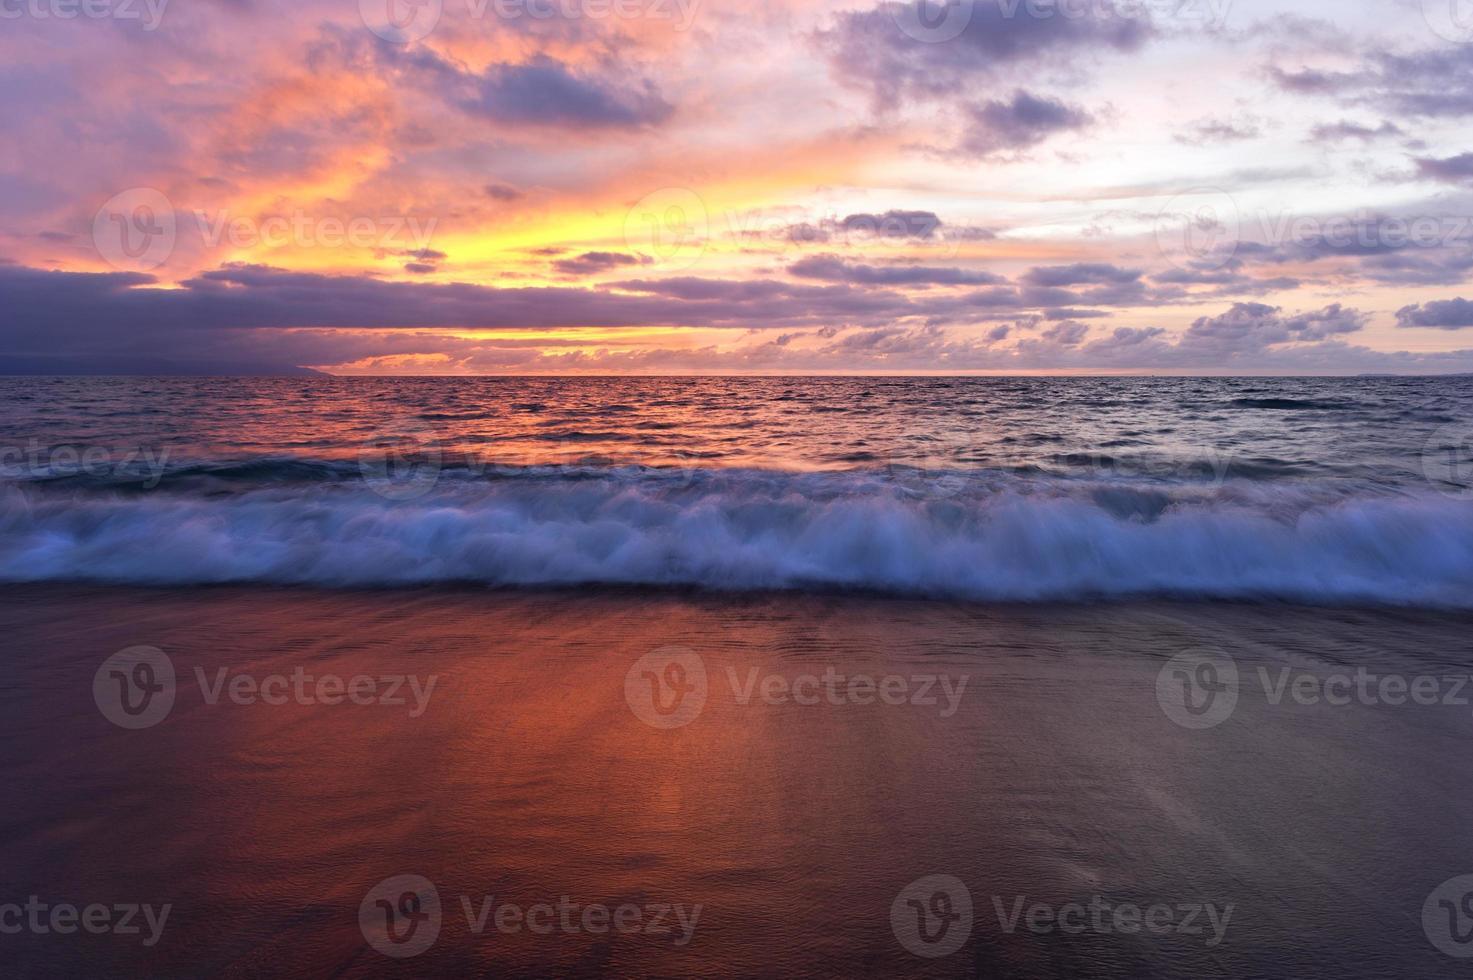 oceaan zonsondergang landschap foto